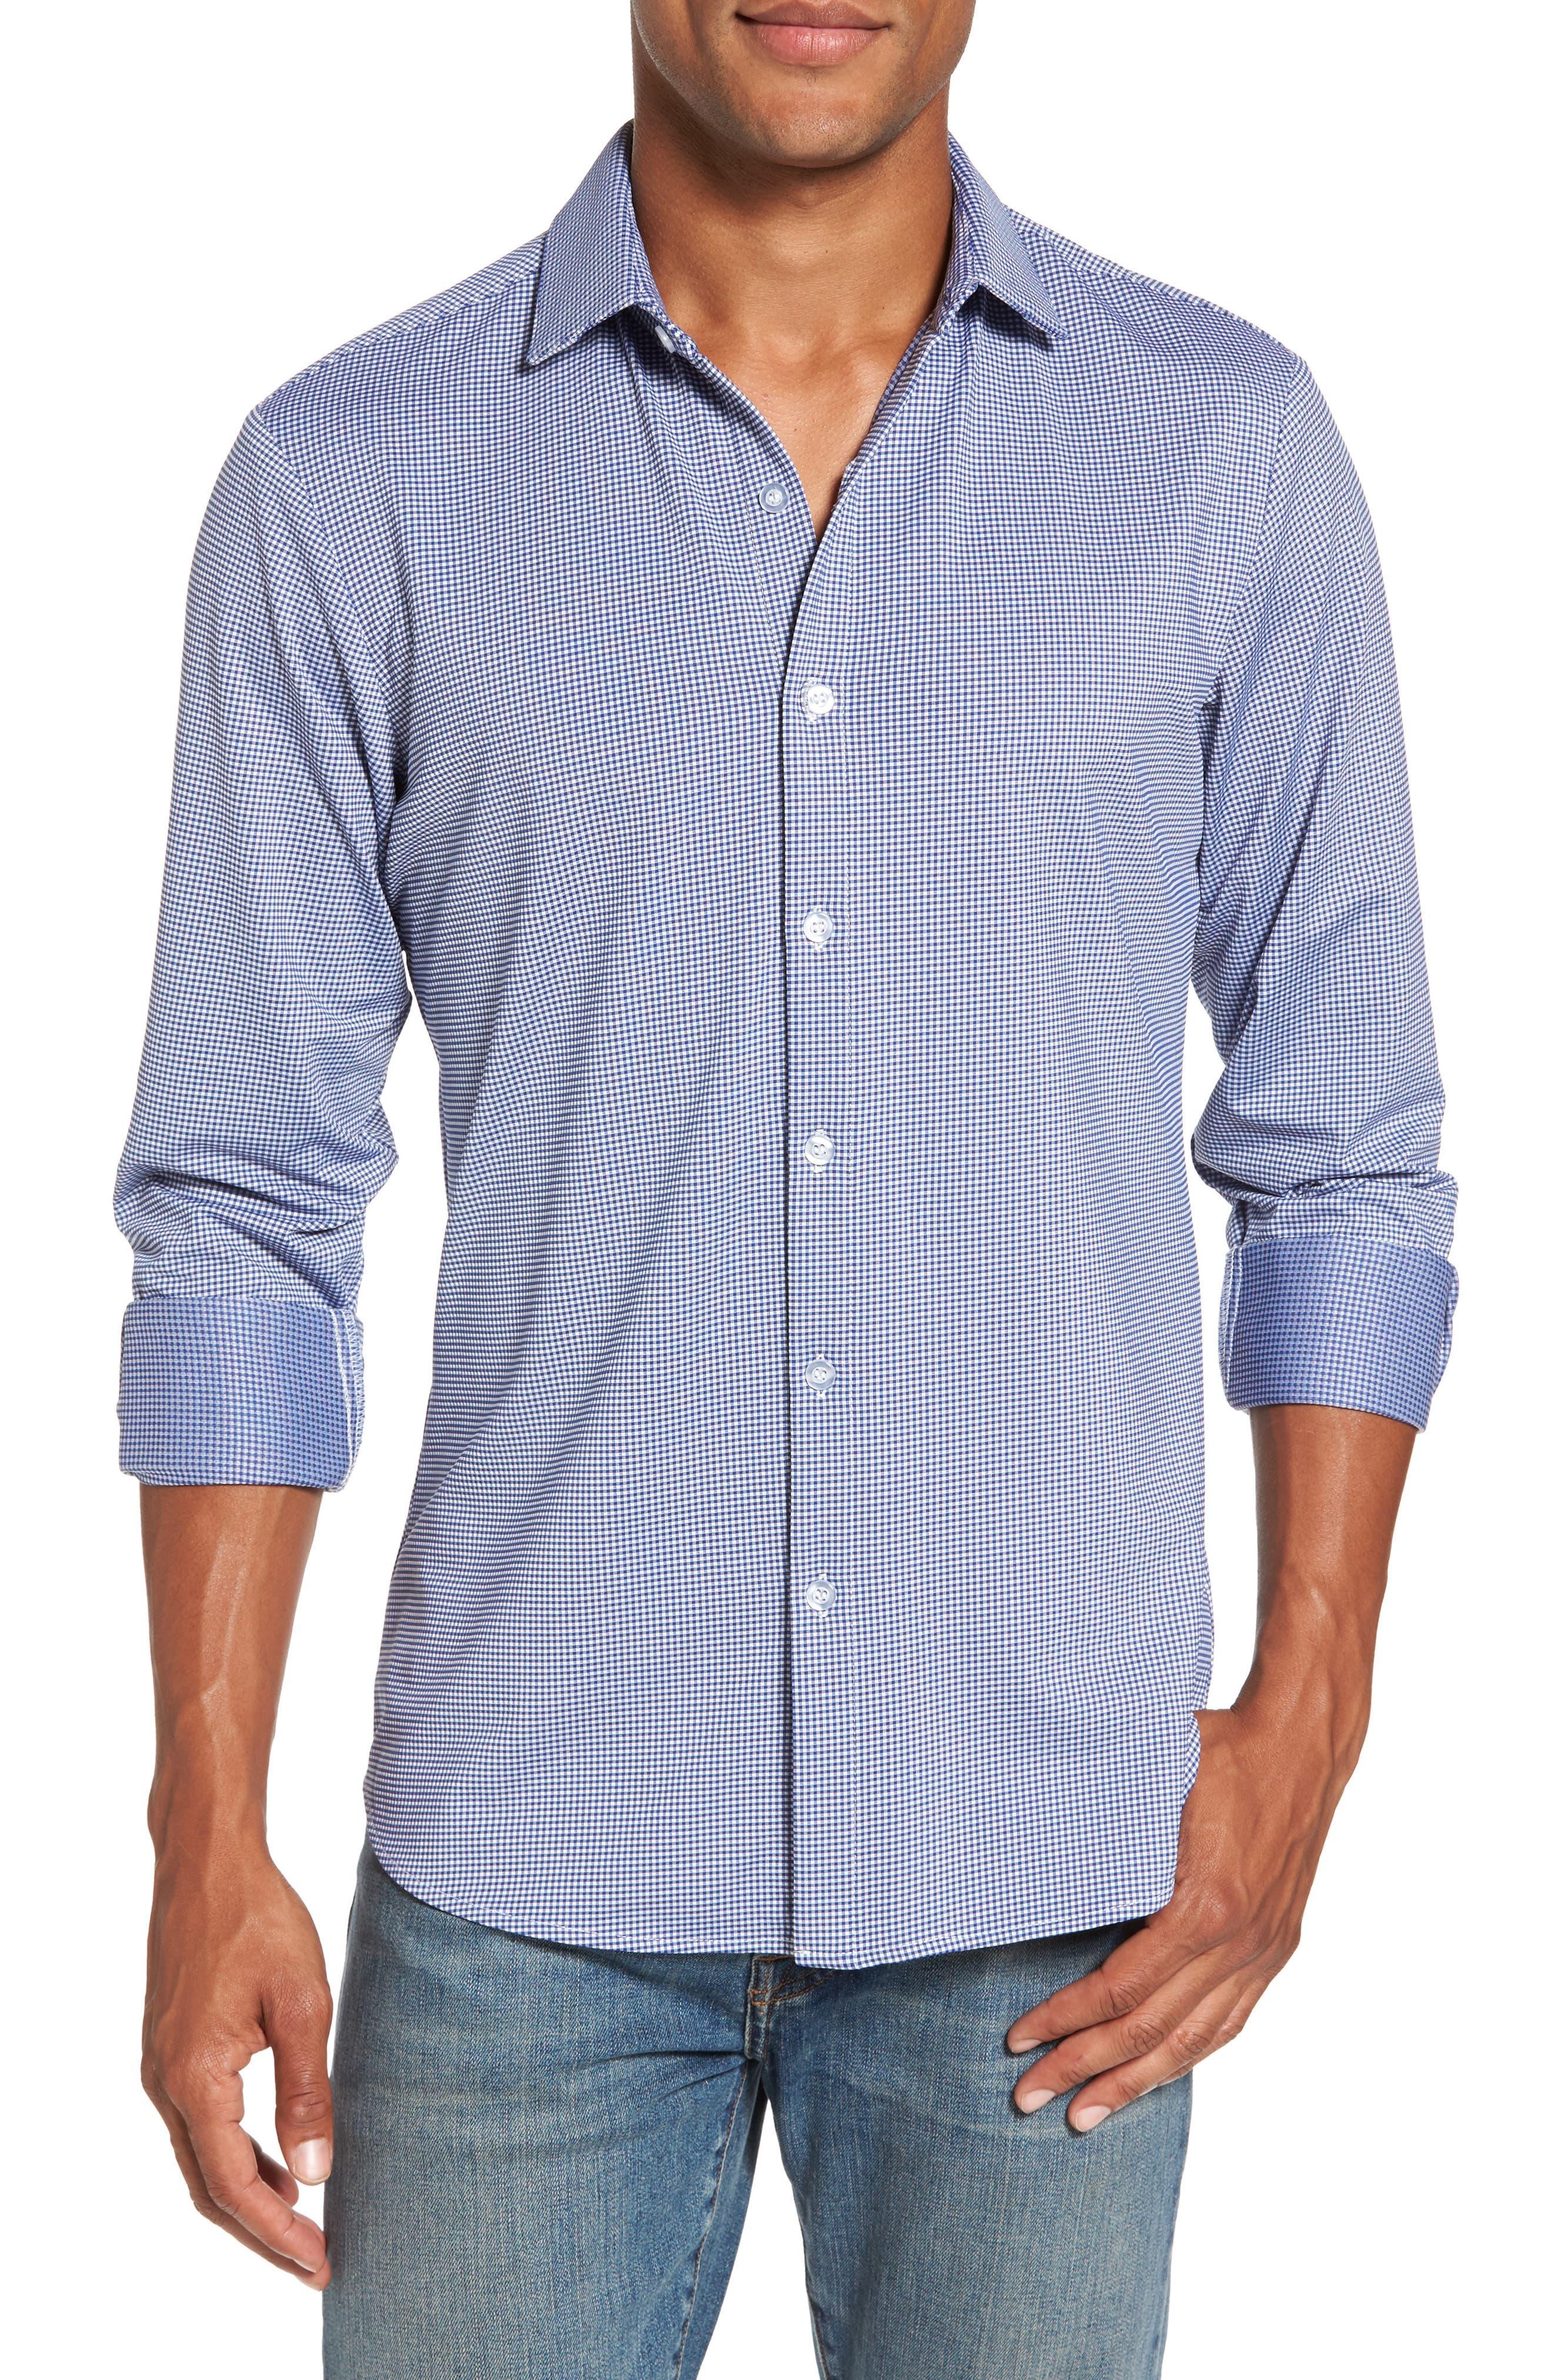 MIZZEN+MAIN, Beckett Trim Fit Gingham Sport Shirt, Main thumbnail 1, color, BLUE